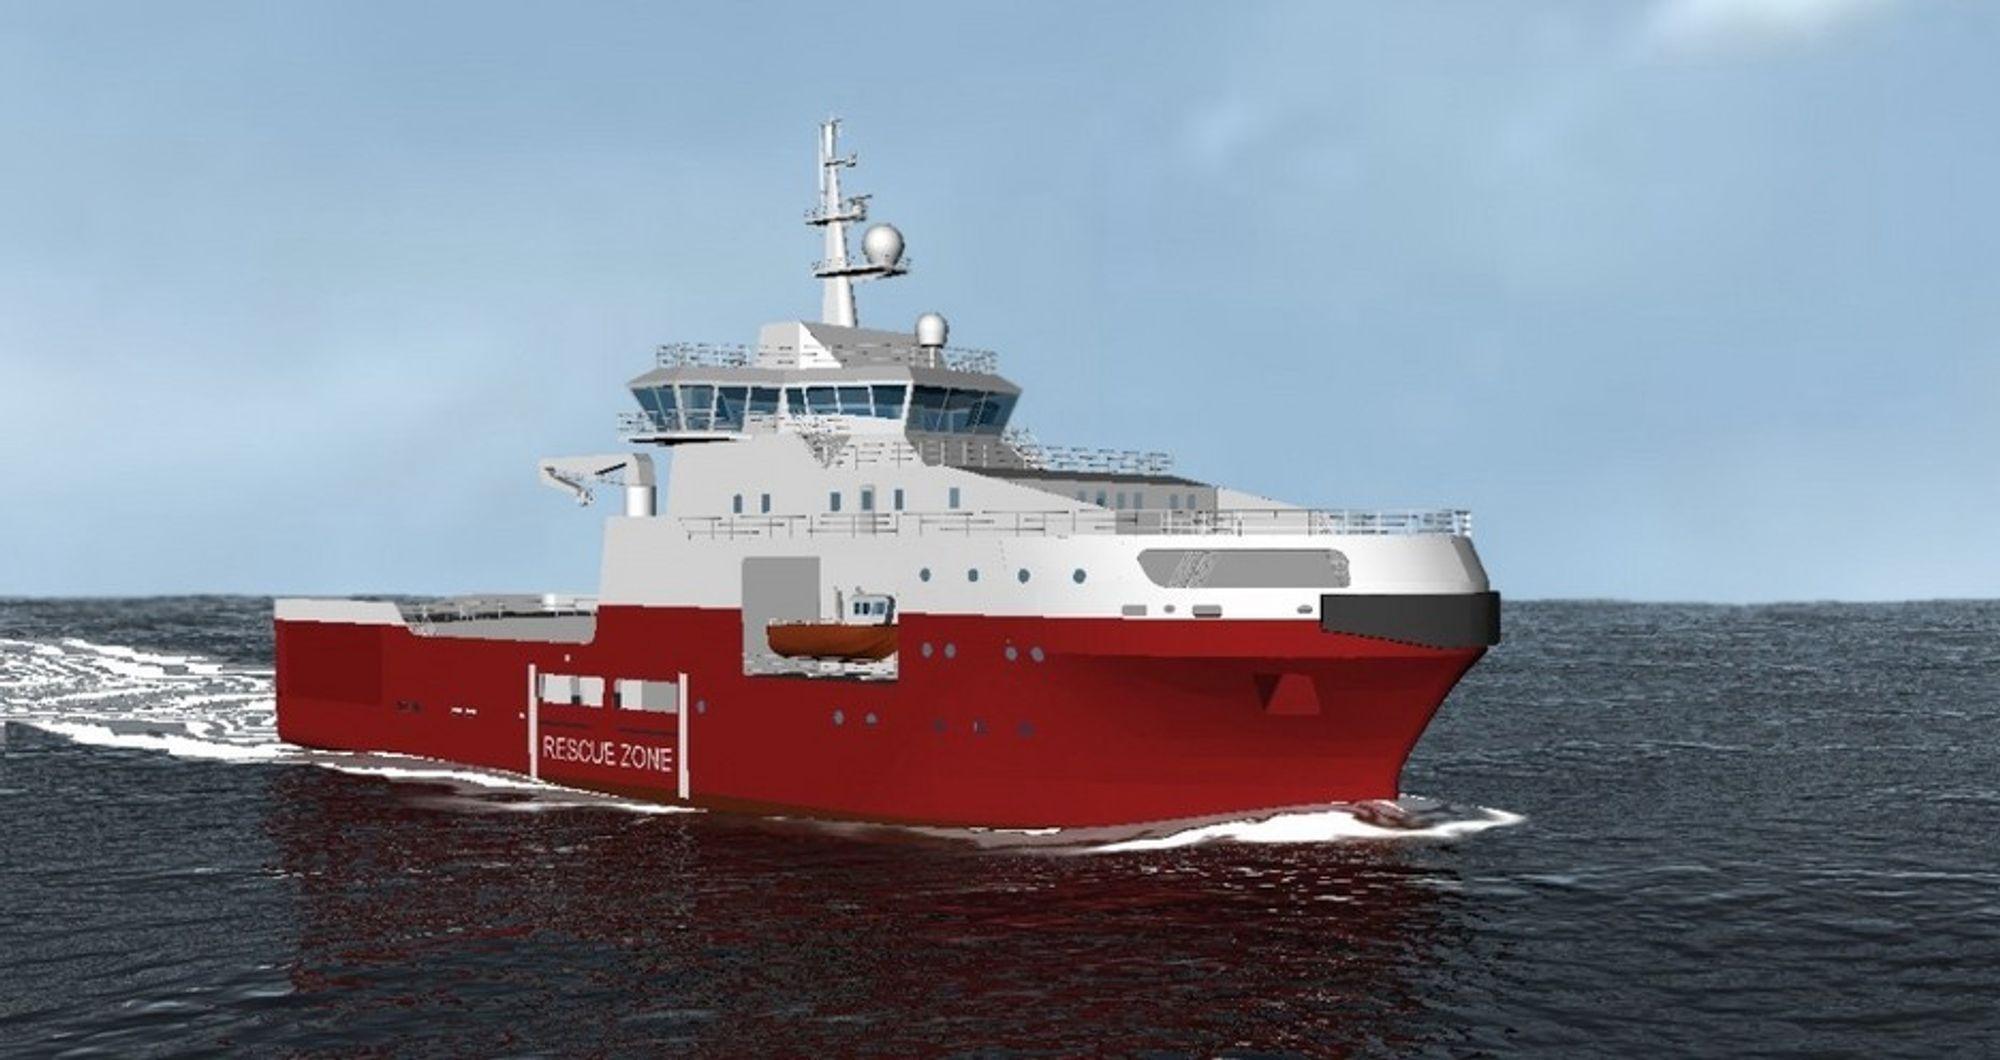 Wärtsilä har fått flere kontrakter i forbindelse med Sartor Shippings bestilling av to beredskapsfartøy fra Kina. Design, gir og propeller er fra den norske delen av Wärtsilä. Skipene er av typen Vik-Sandvik 465 FSV (beredskapsfartøy). De blir 65,9 meter lange og 18 meter brede.